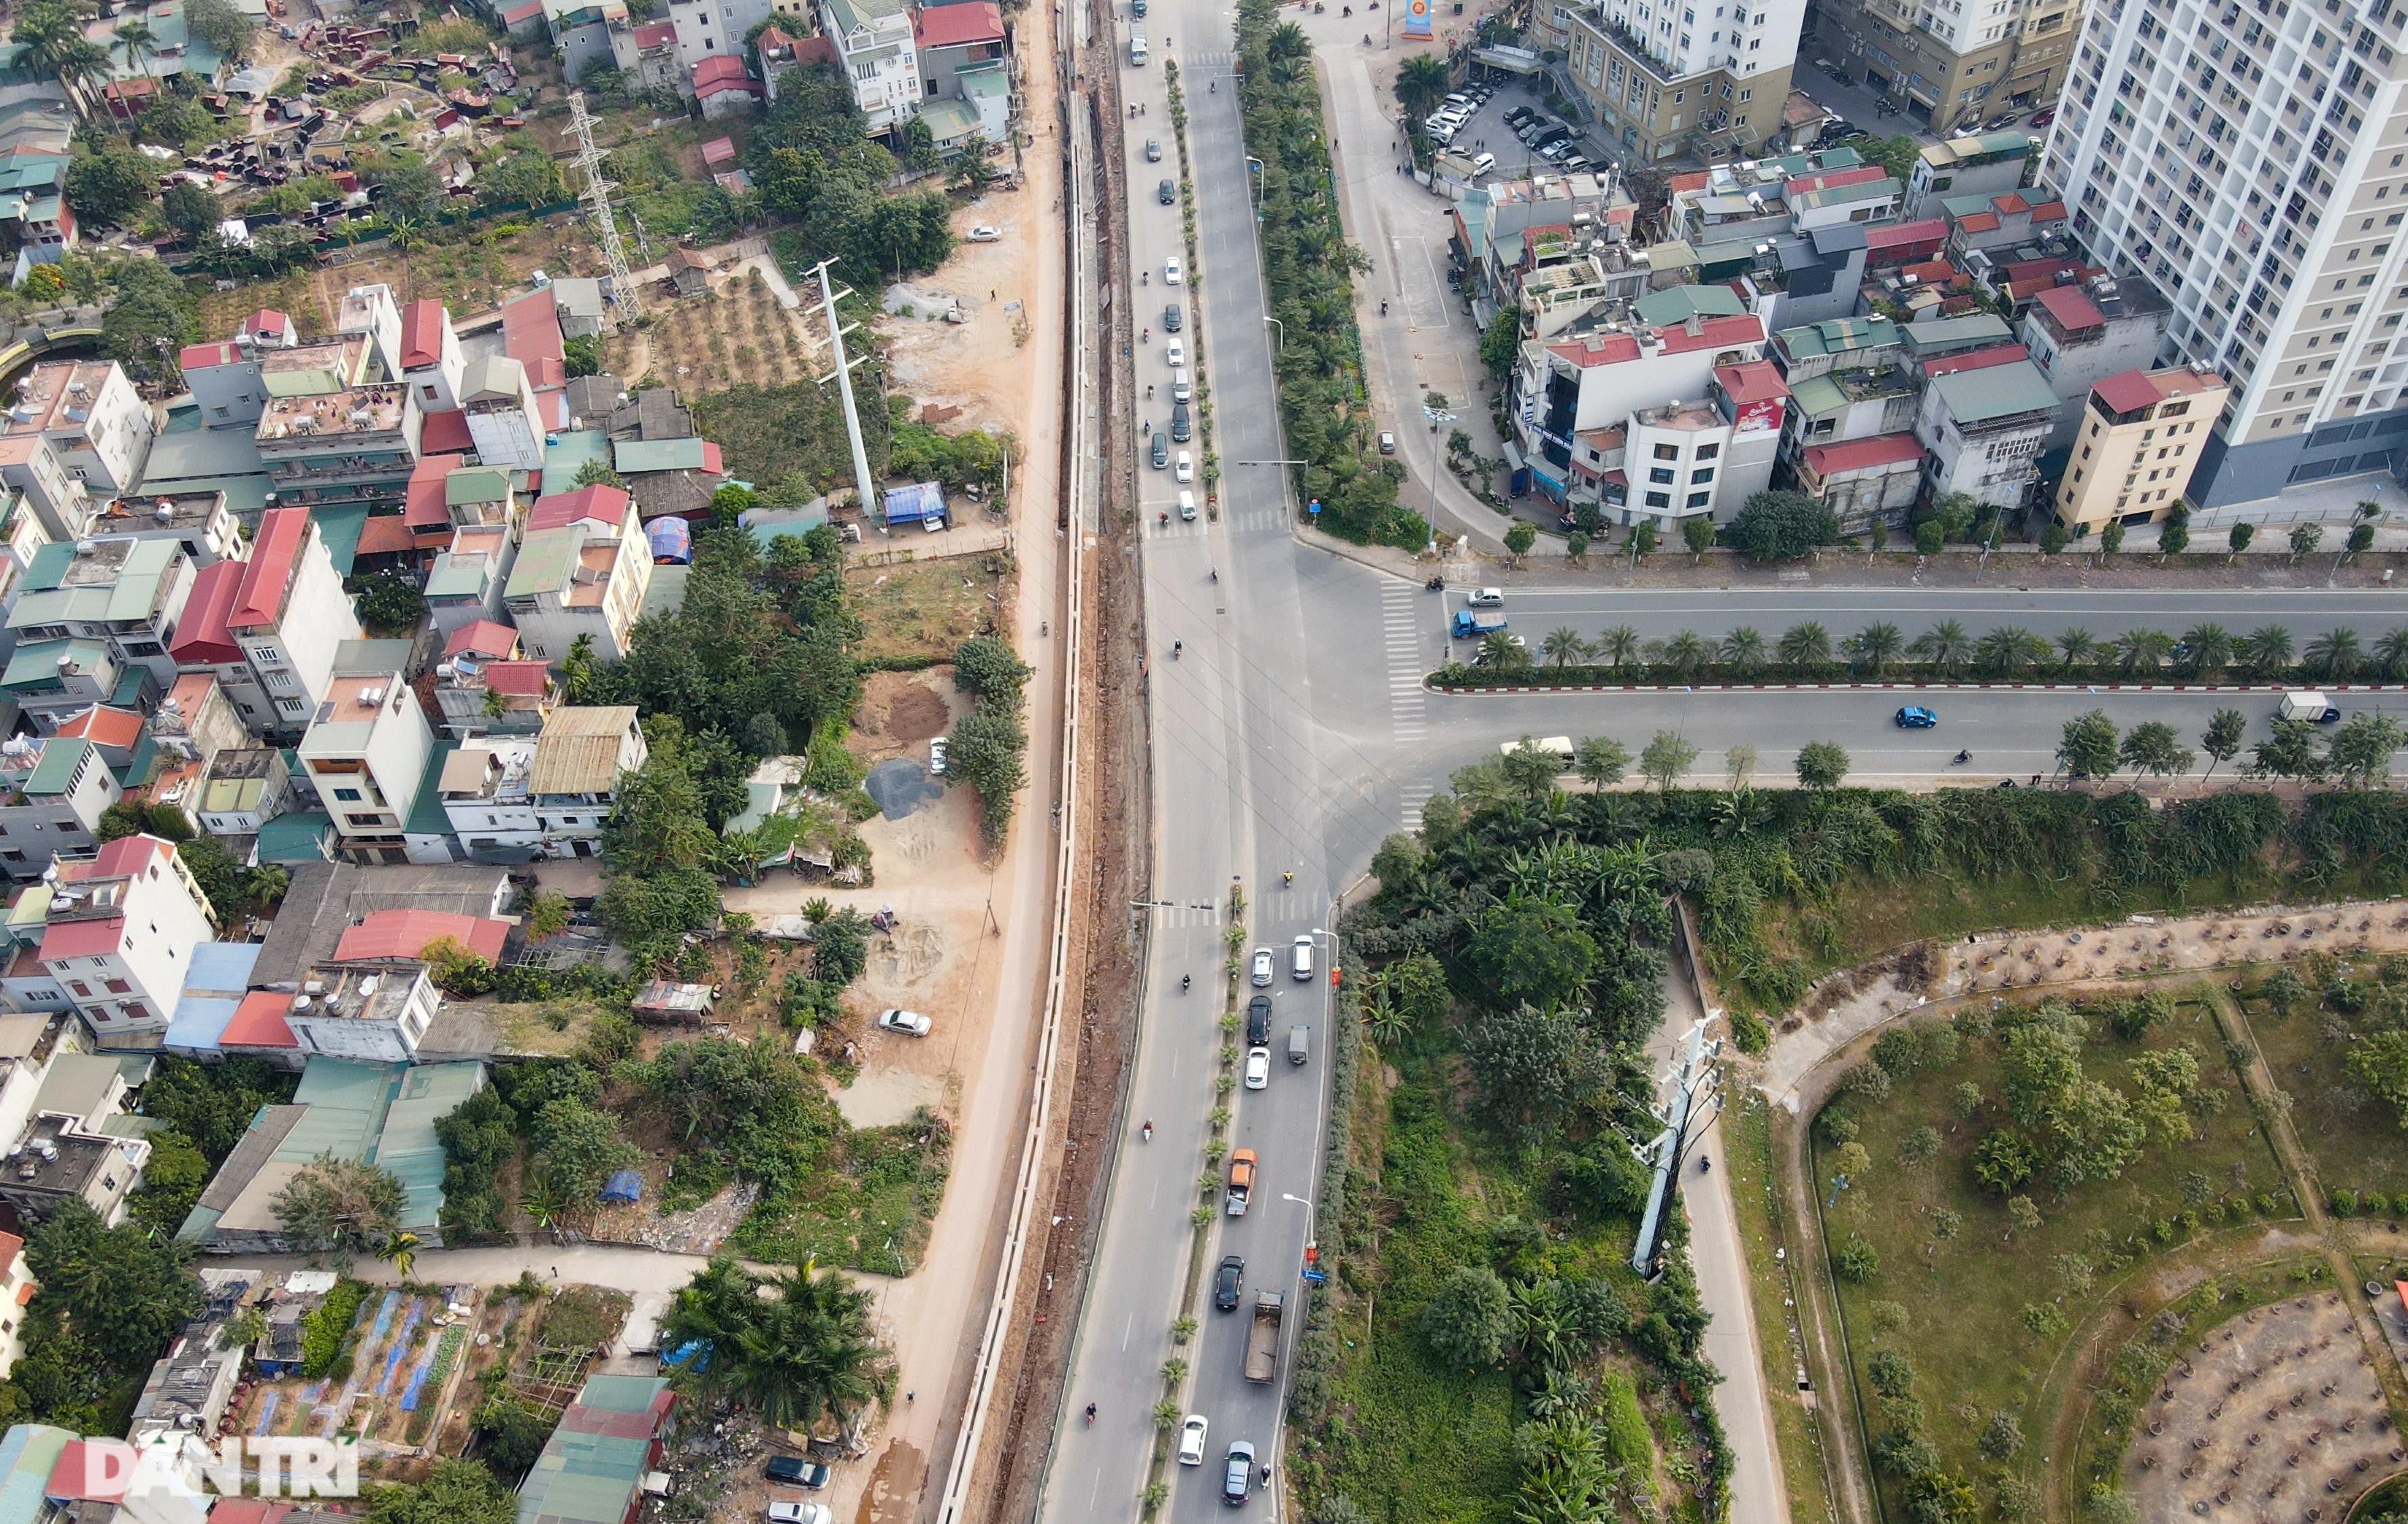 Thay bờ đê đất bằng tường chắn, đường Âu Cơ được mở rộng từ 2 lên 4 làn xe - 7